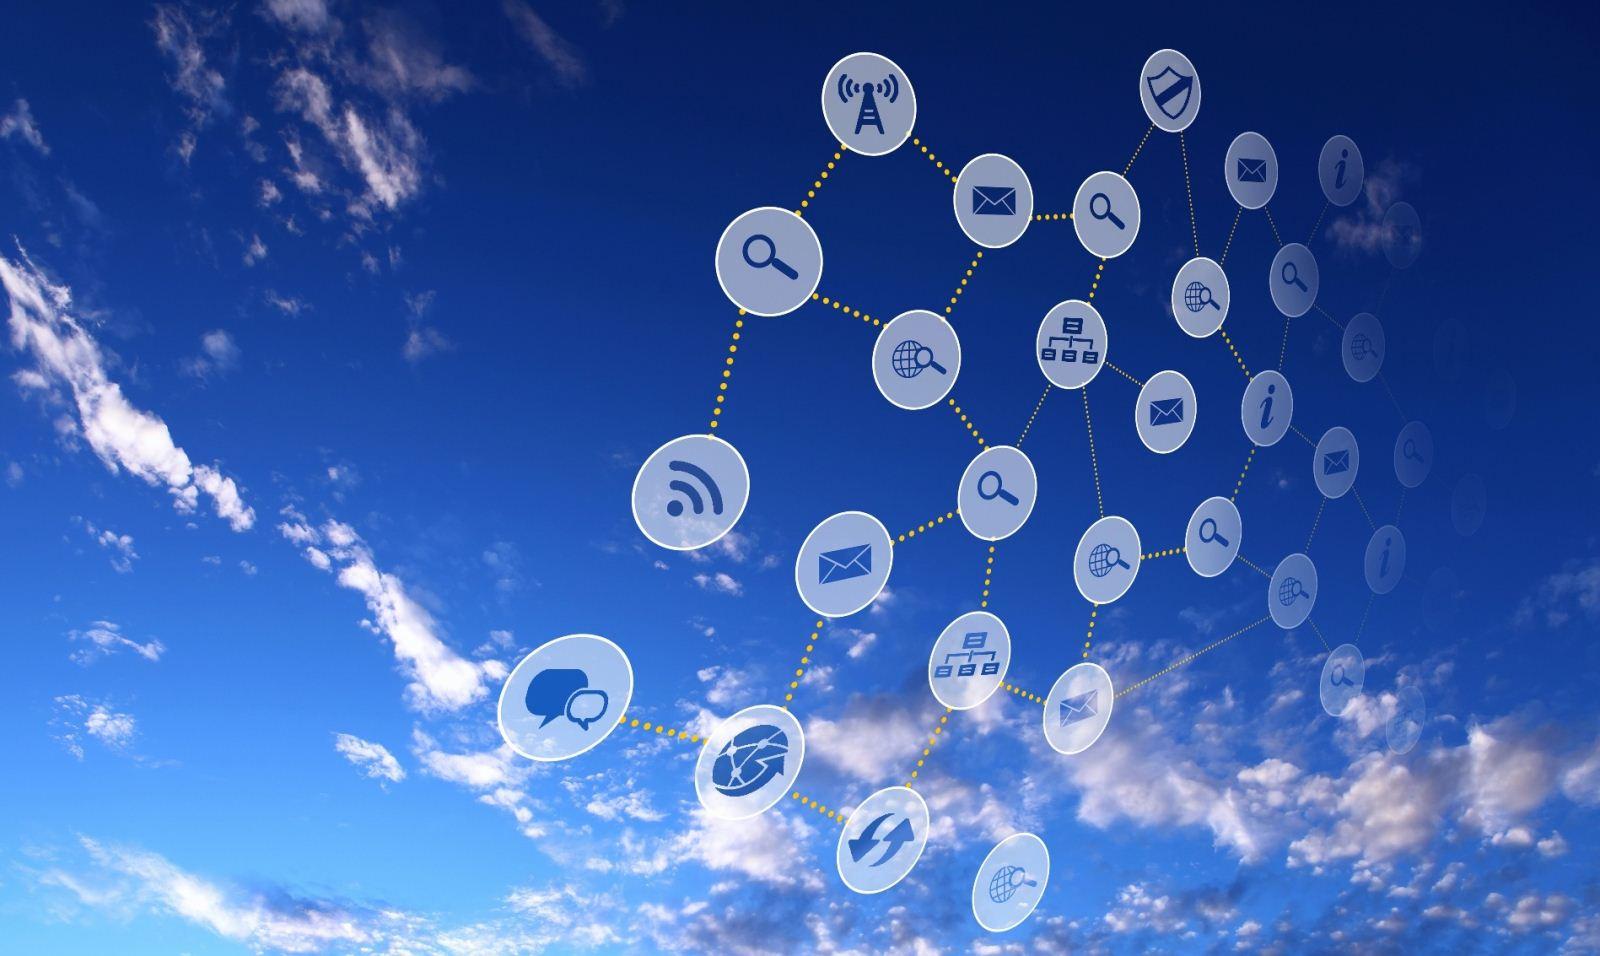 物联网理想丰满现实骨感 信息孤岛成重大难题